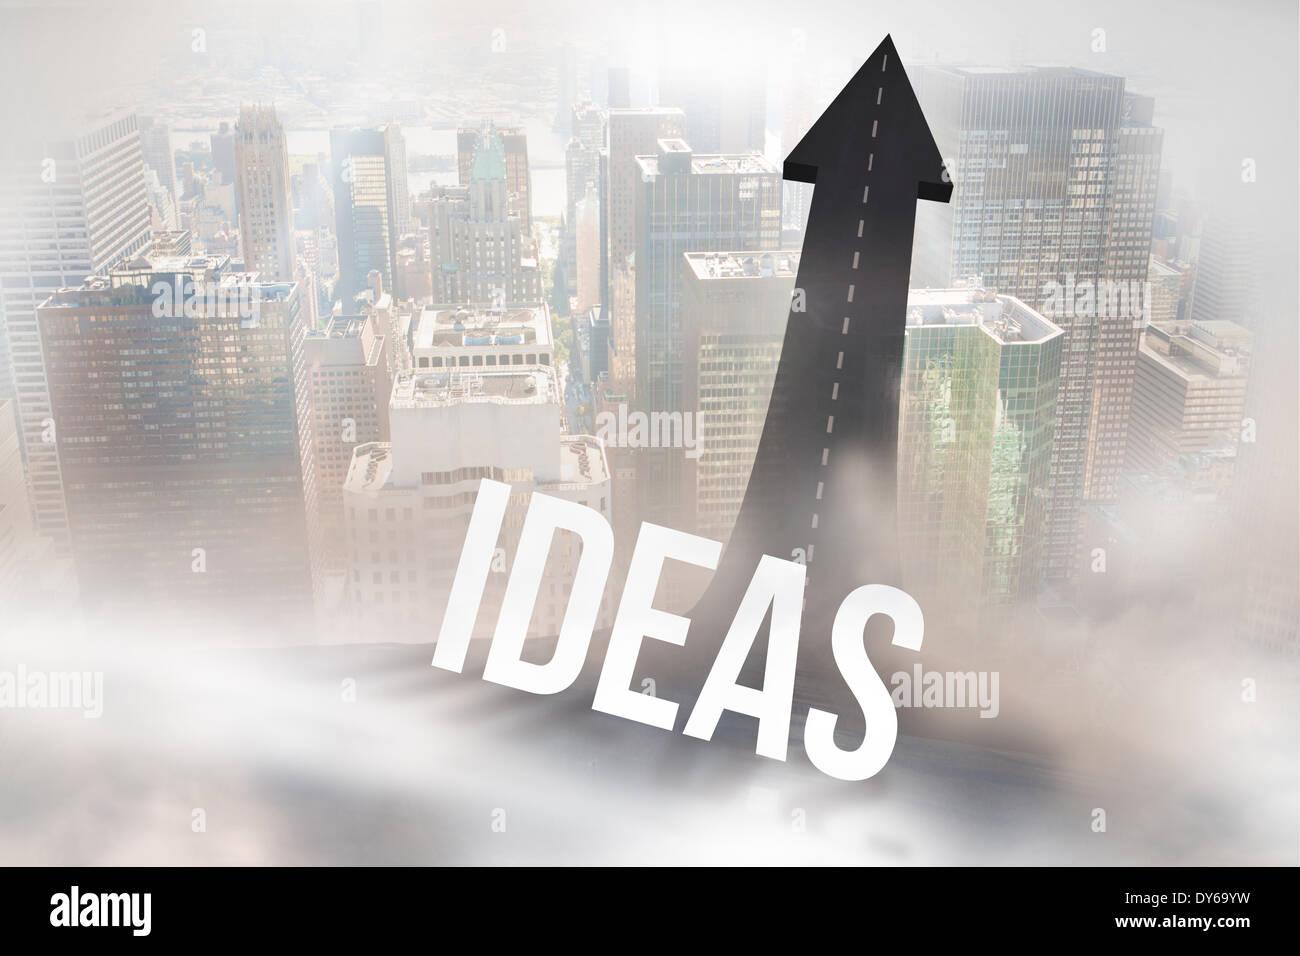 Idées contre road se transforme en flèche Photo Stock